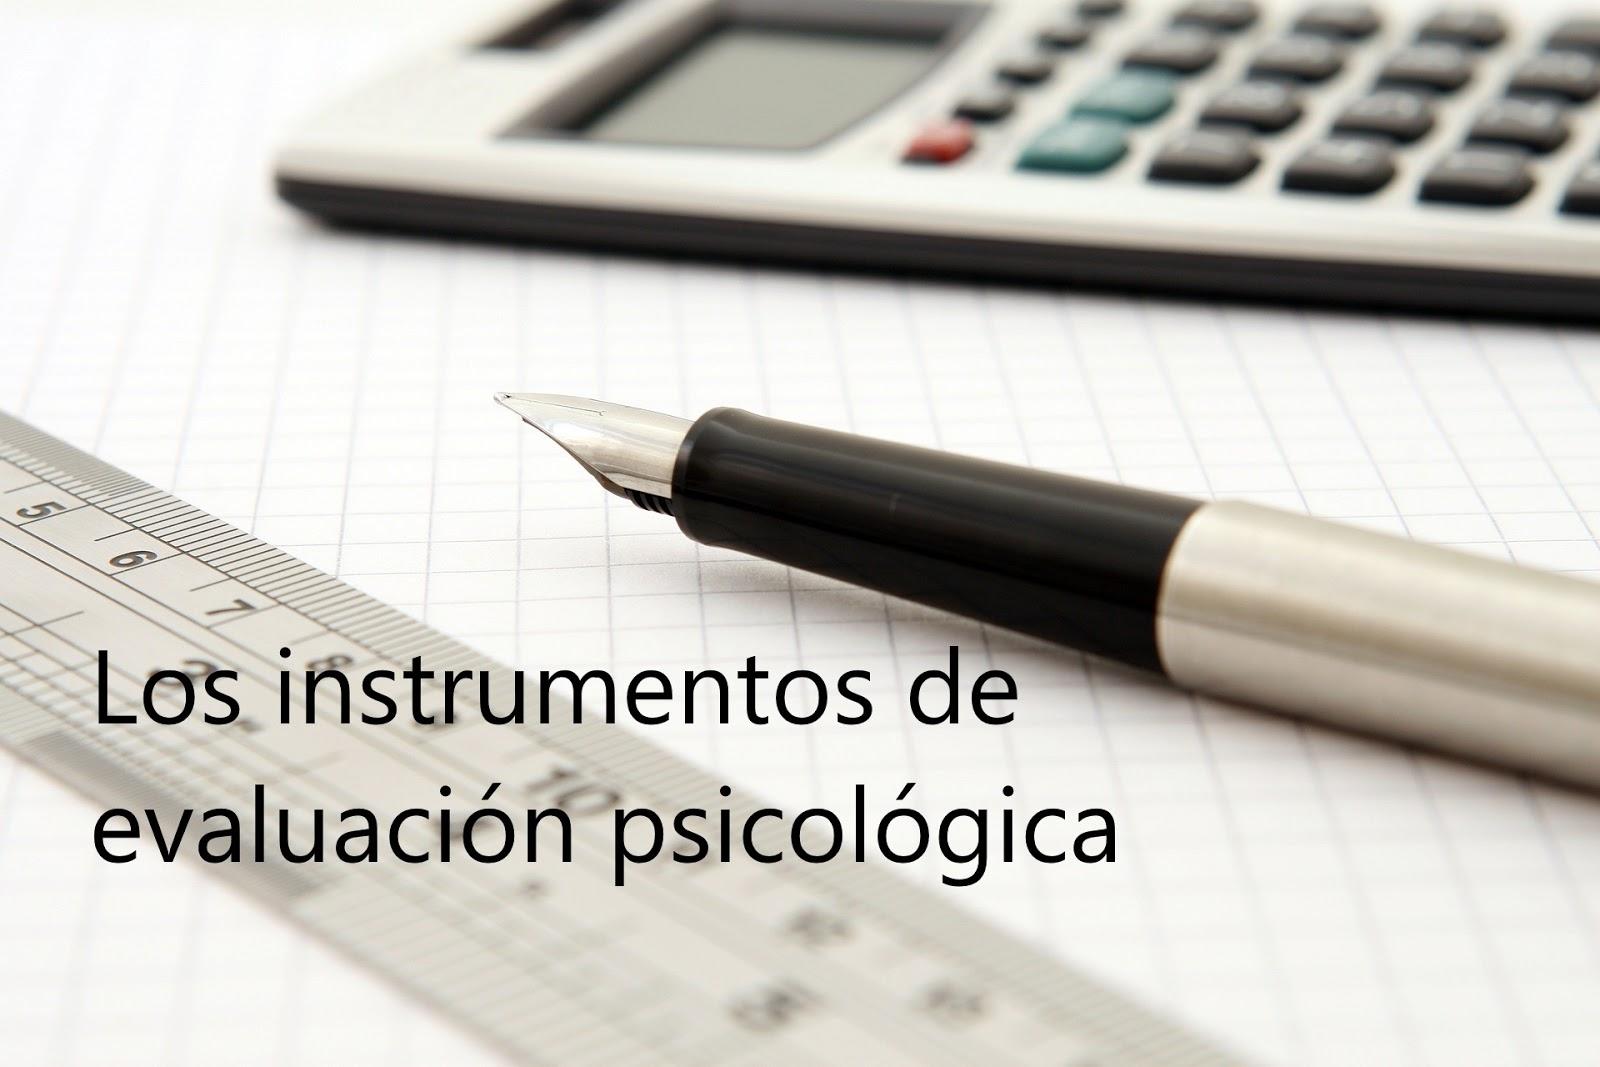 [PDF] Instrumentos de evaluación psicológica de Felicia Miriam González Llaneza.